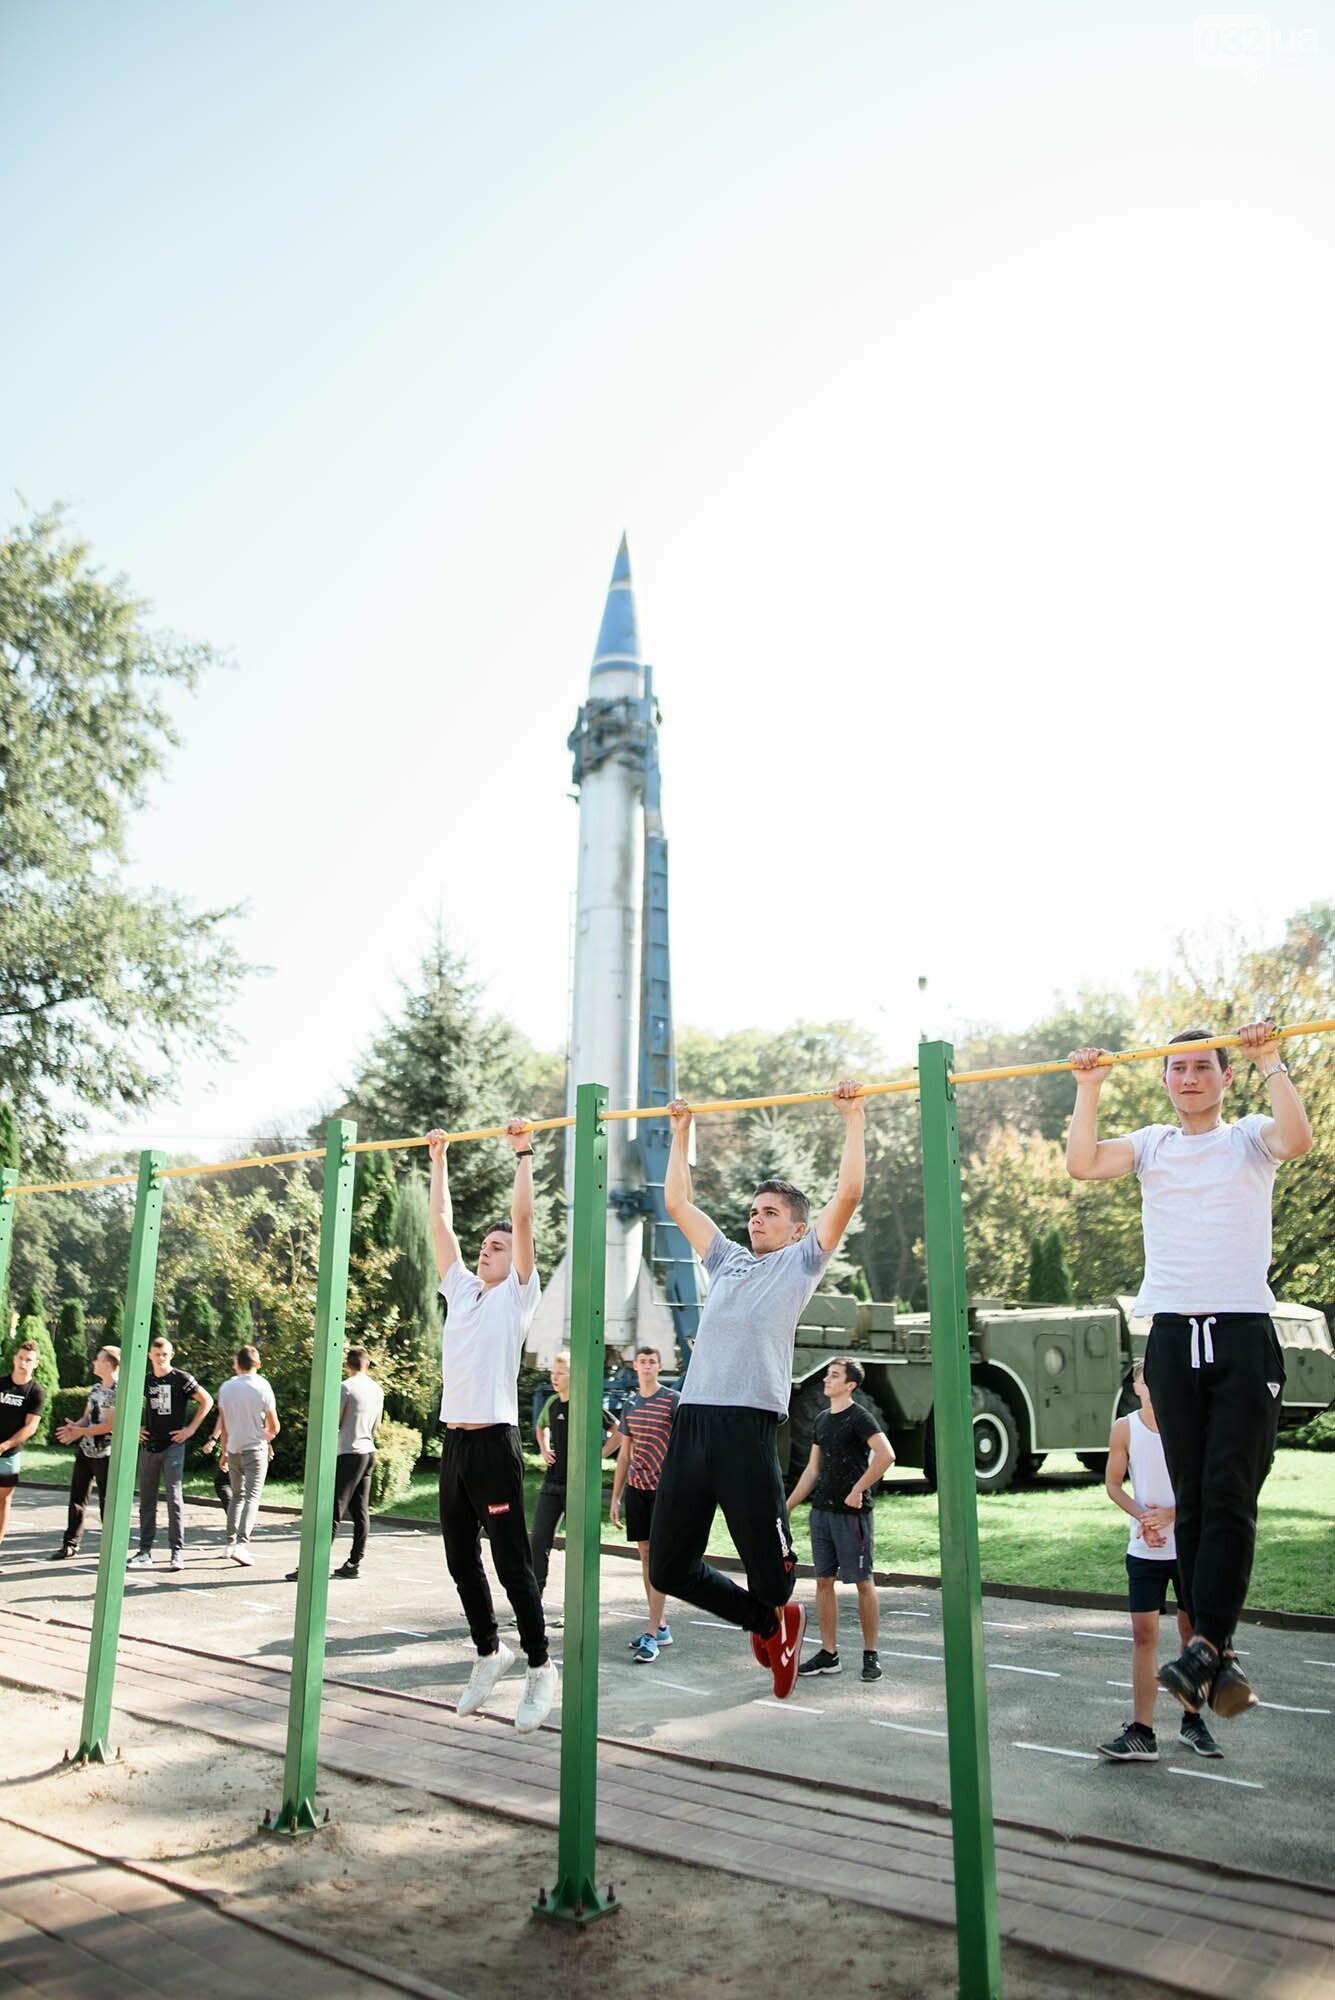 240 студентів Львівщини одночасно підтягнулися на турніках, фото-5